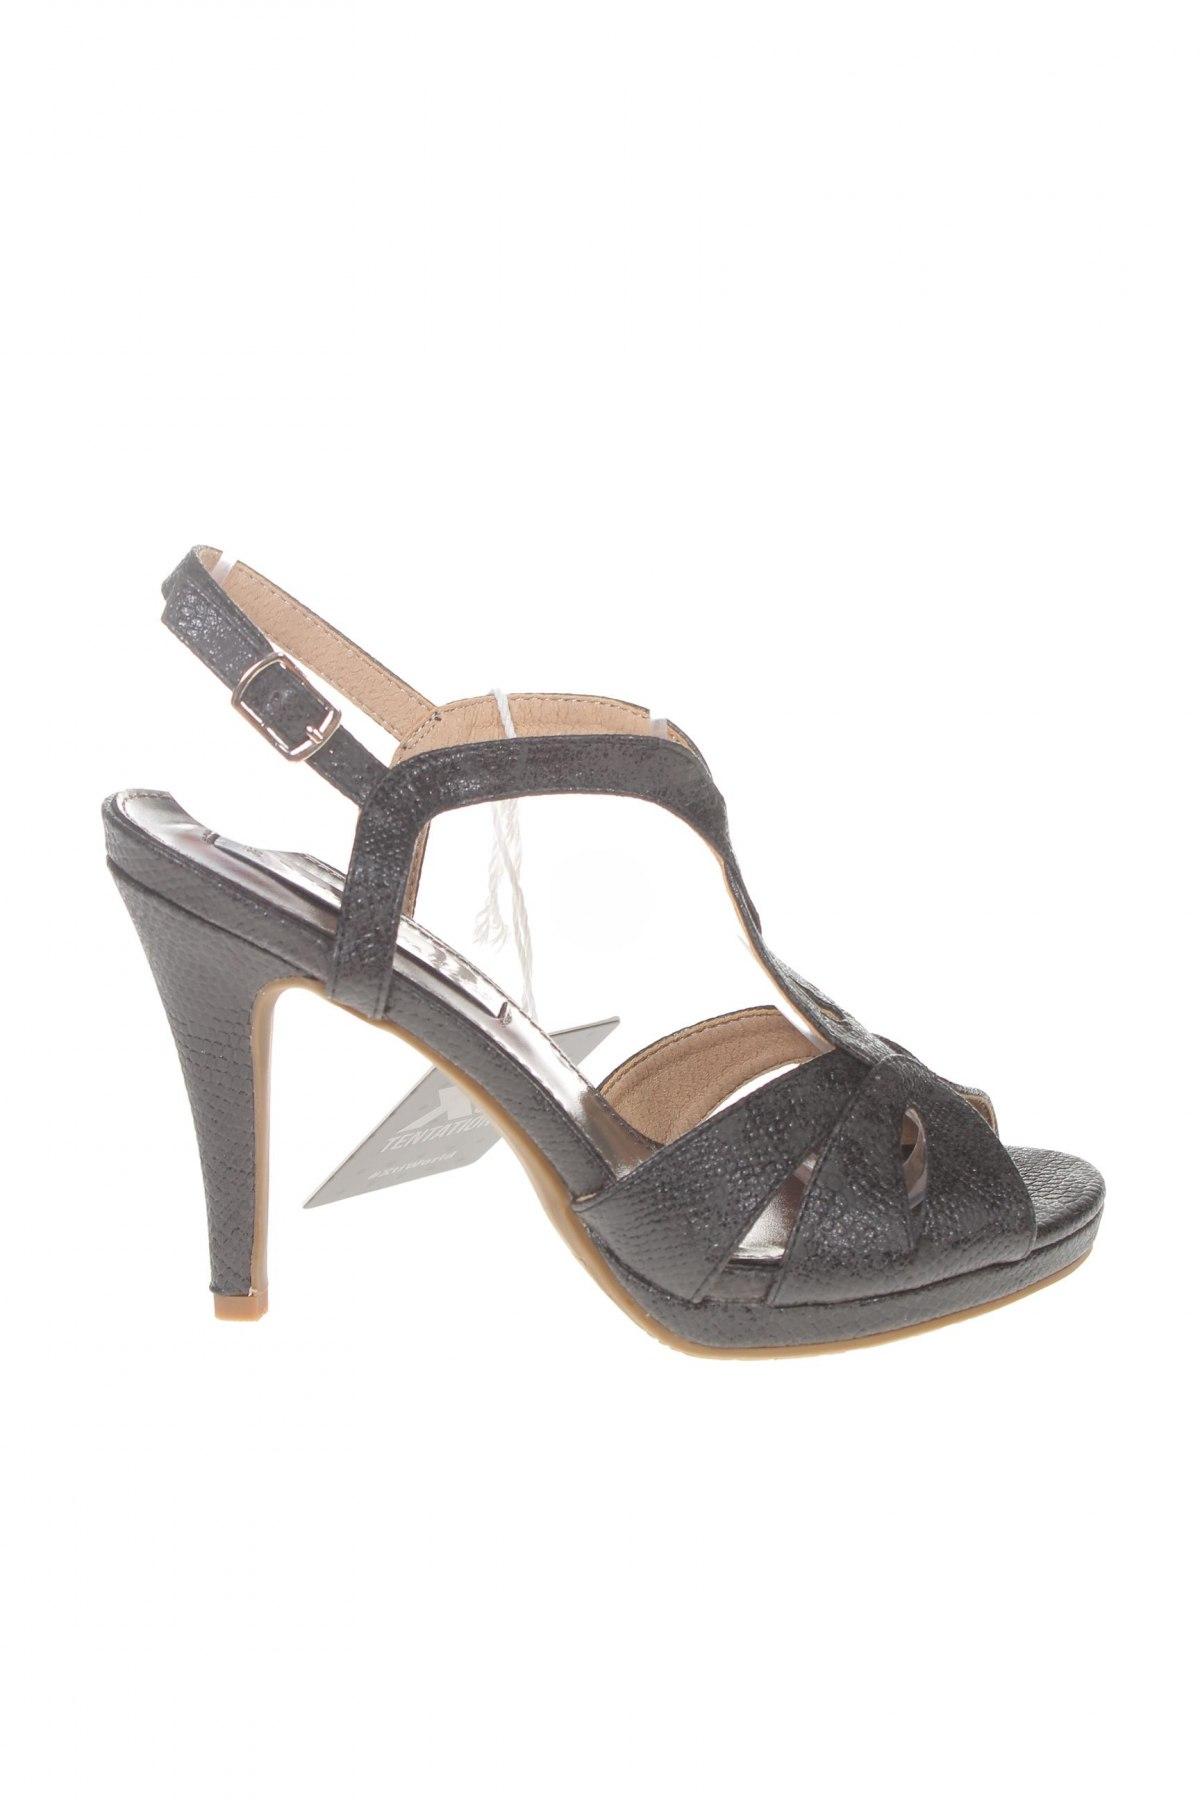 Σανδάλια Xti, Μέγεθος 36, Χρώμα Μαύρο, Δερματίνη, Τιμή 18,85€